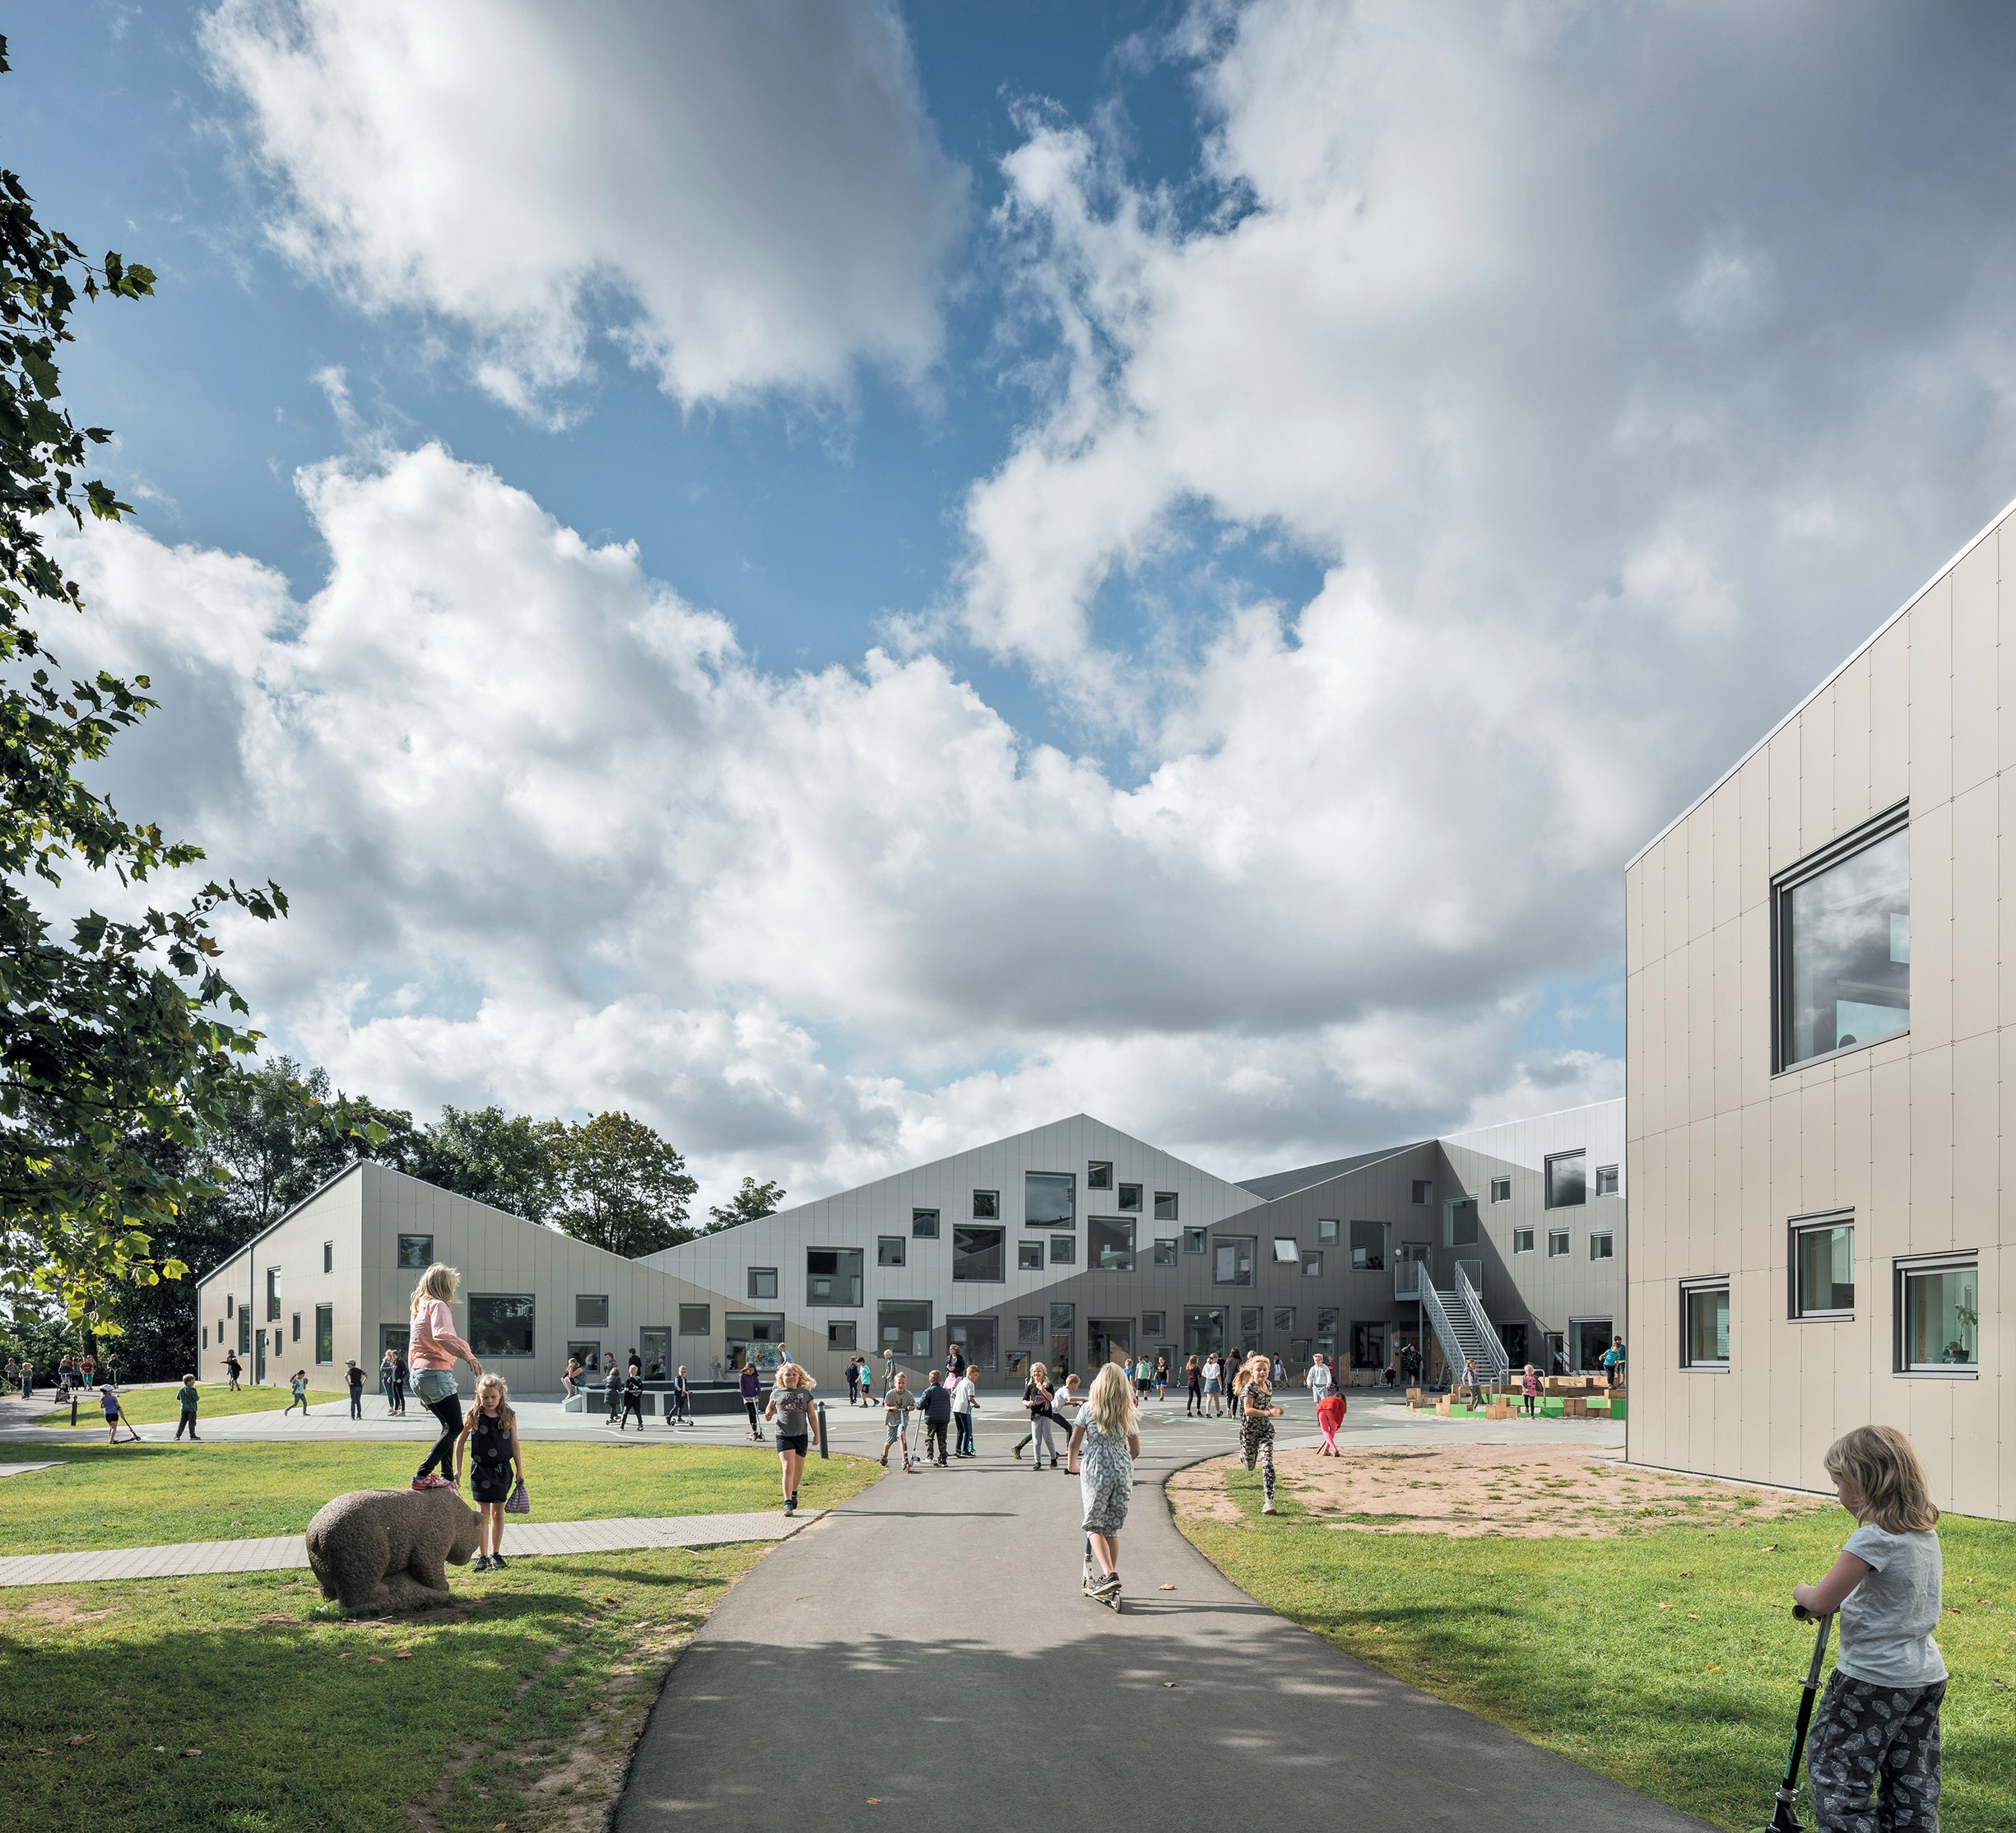 Schulbauten, Gesamtschule in Odder, Dänemark